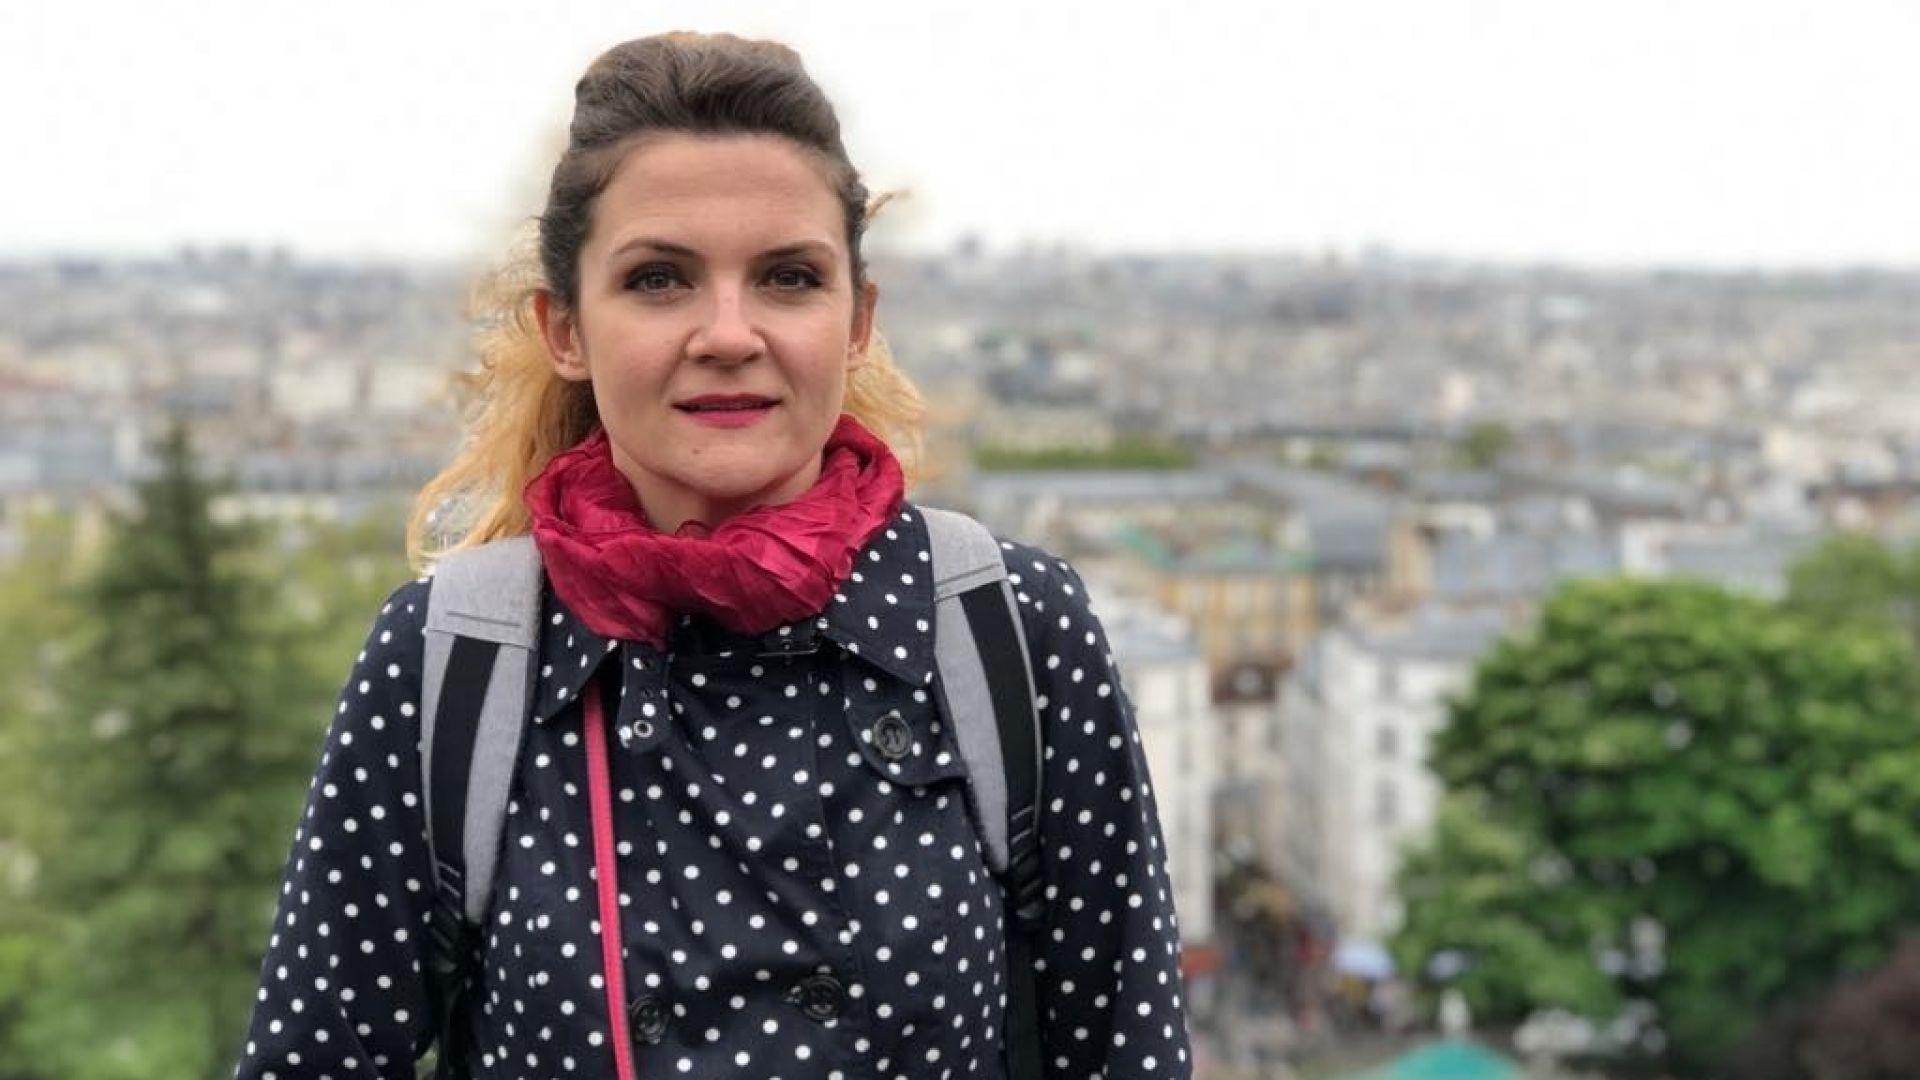 Ваня Димитрова: Предприемаческия дух го има навсякъде. Просто трябва да бъде събуден